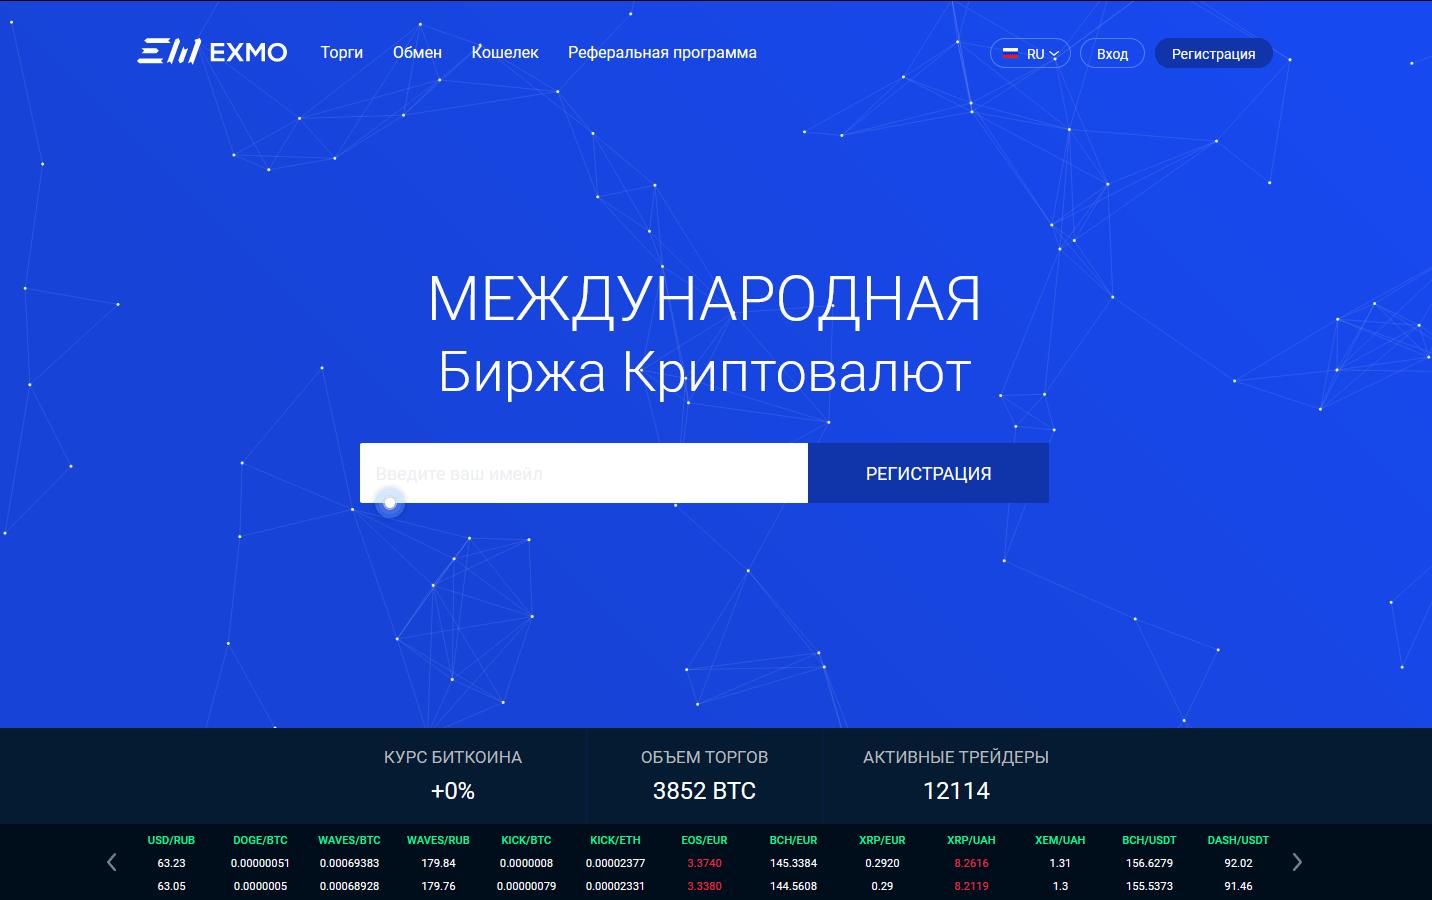 exmo официальный сайт